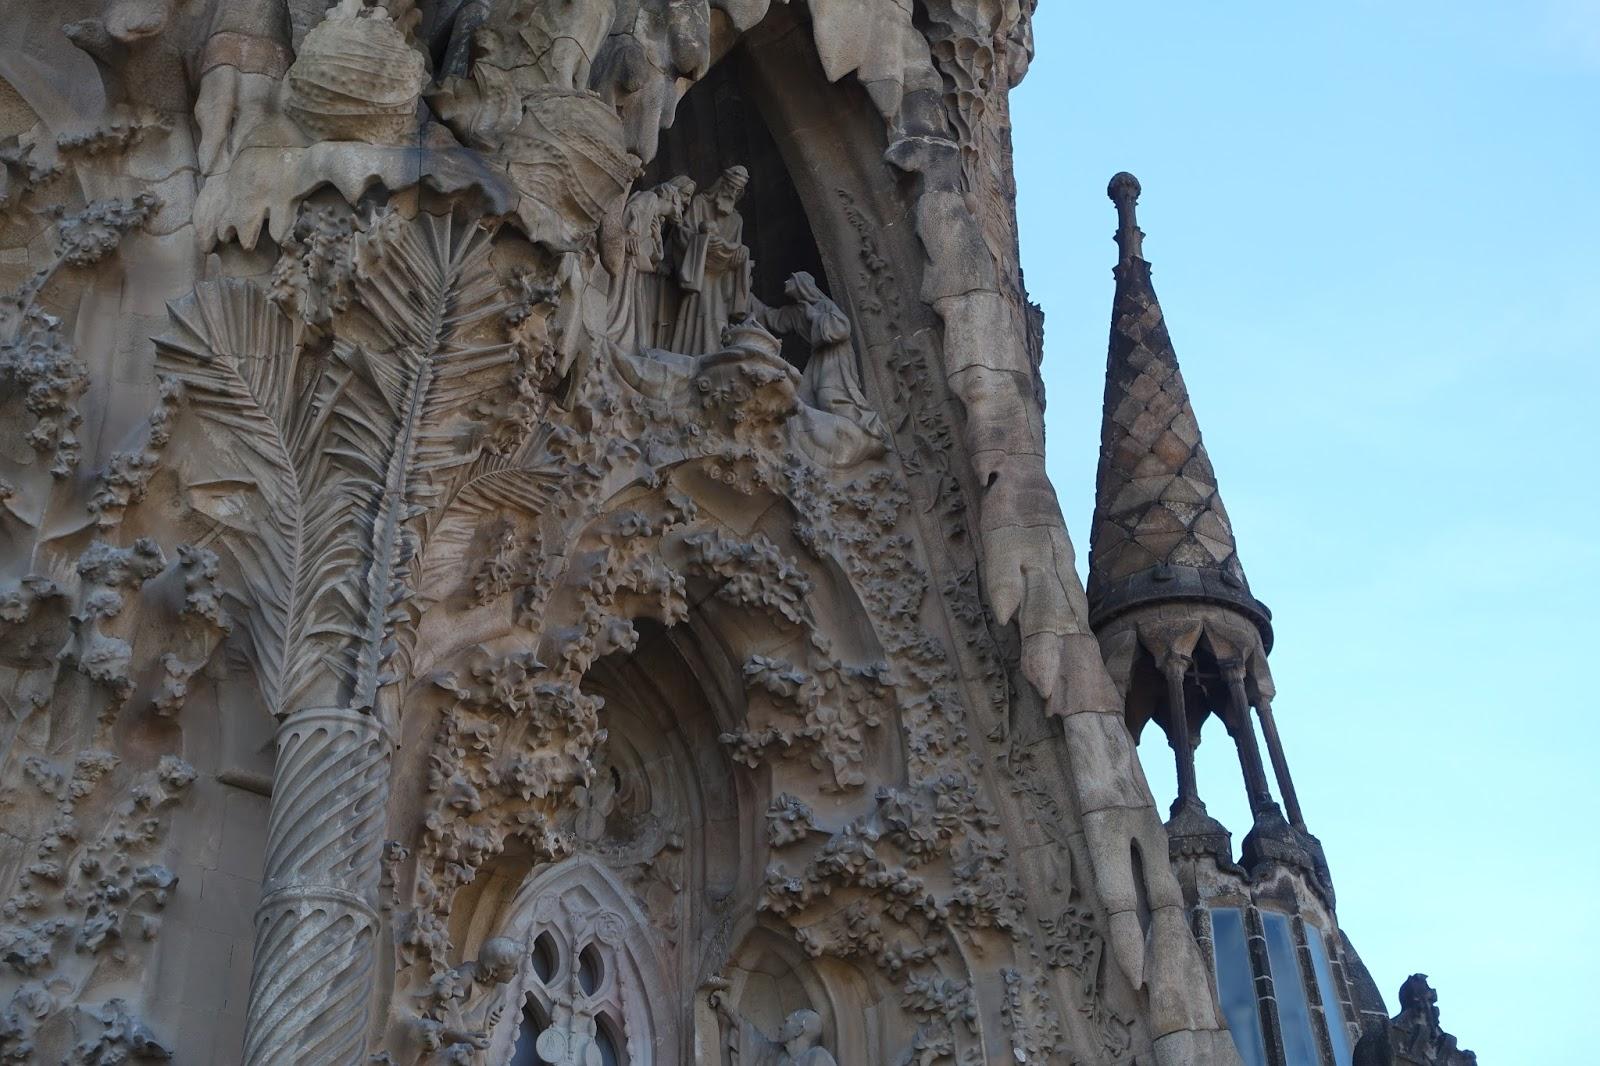 サグラダ・ファミリア (Sagrada Familia) 信仰の門(Portal de la fe)